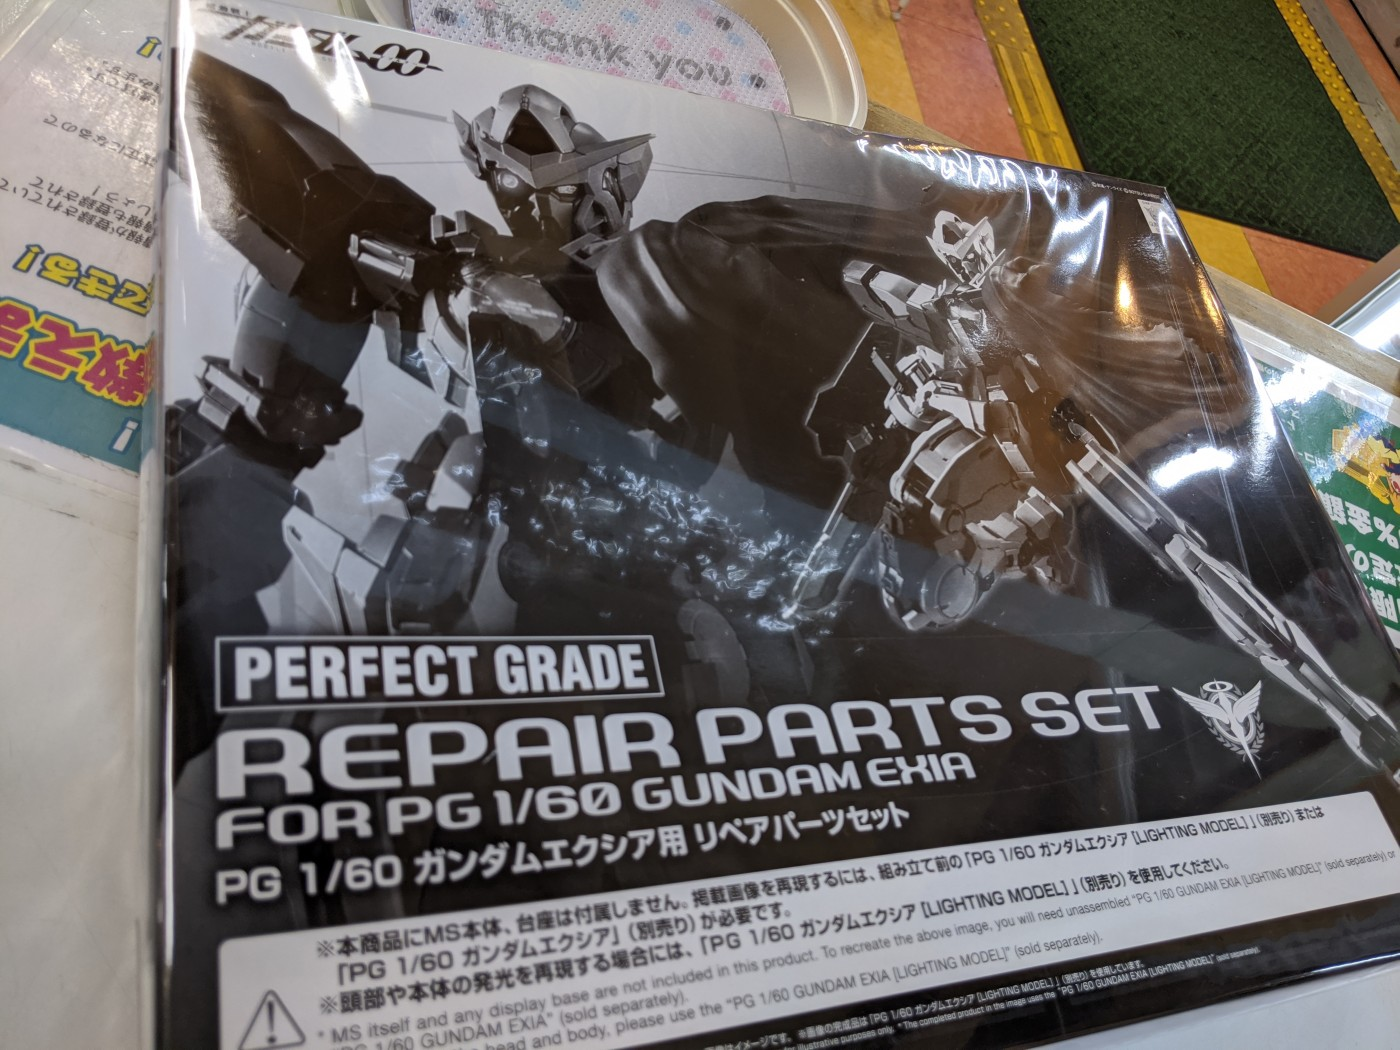 【新着買取情報】PG 1/60 ガンダムエクシア用リペアパーツセット